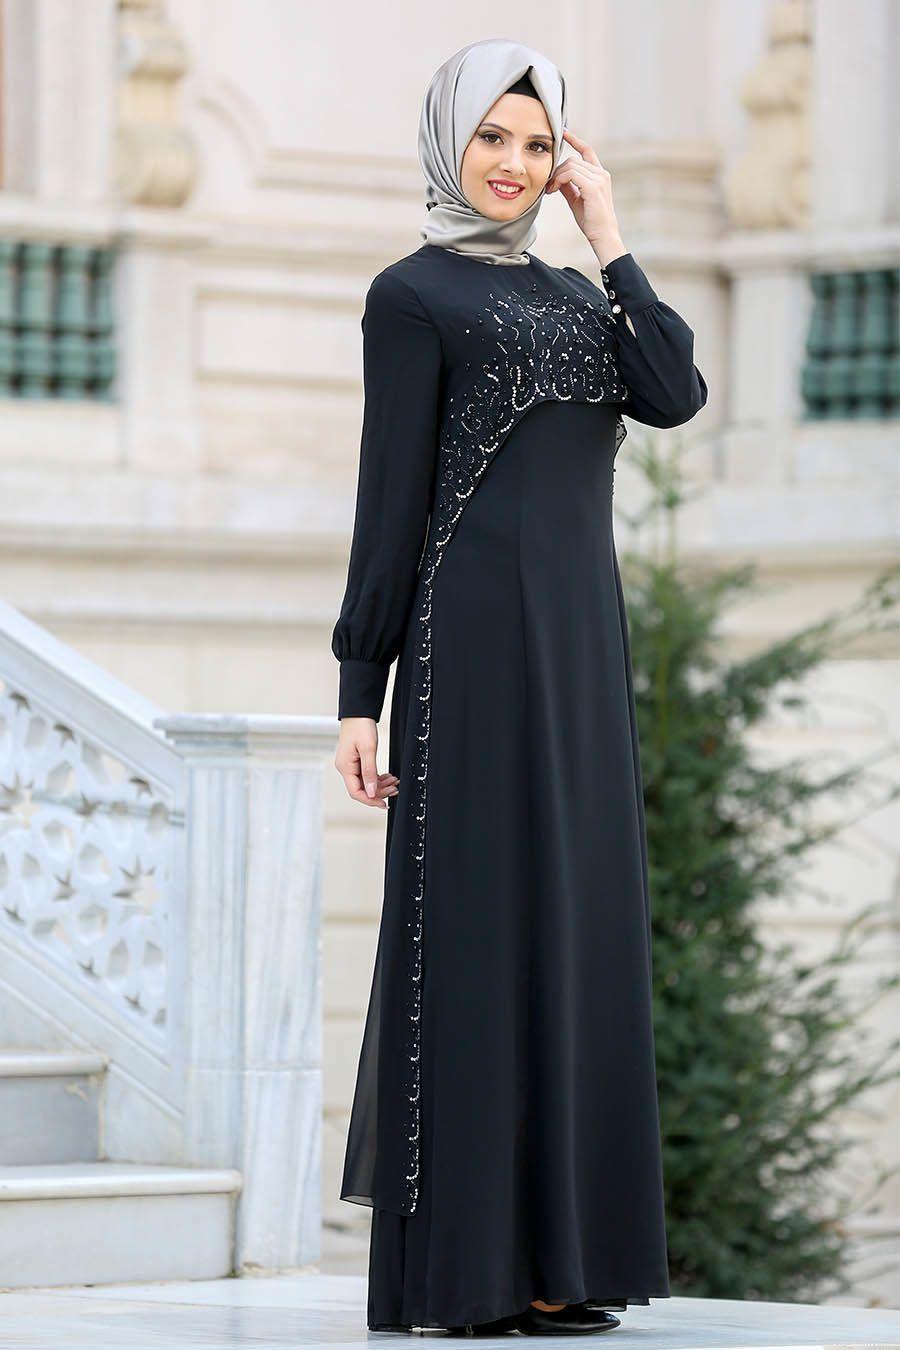 b8270c3ad2600 Neva Style - Boncuk Detaylı Siyah tesettür Abiye Elbise 25625S  #tesetturisland #tesettur #tesetturelbise